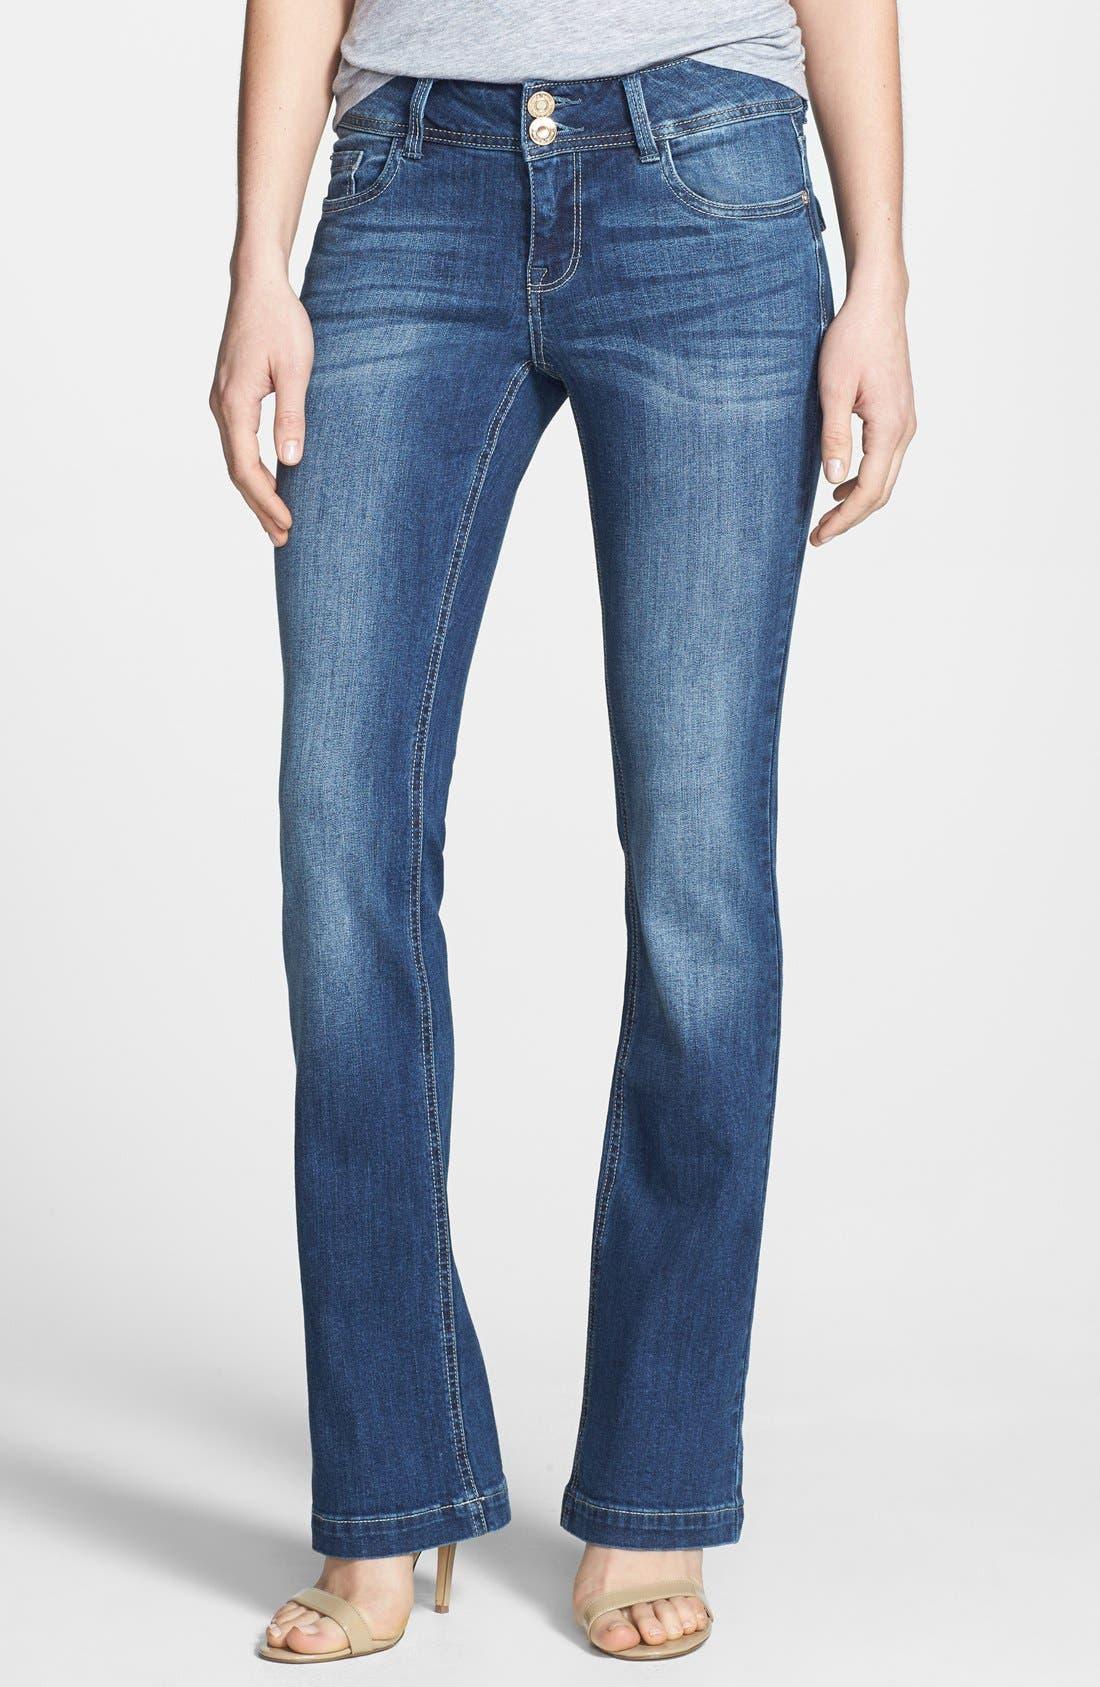 Alternate Image 1 Selected - kensie Curvy Bootcut Jeans (True Blue)